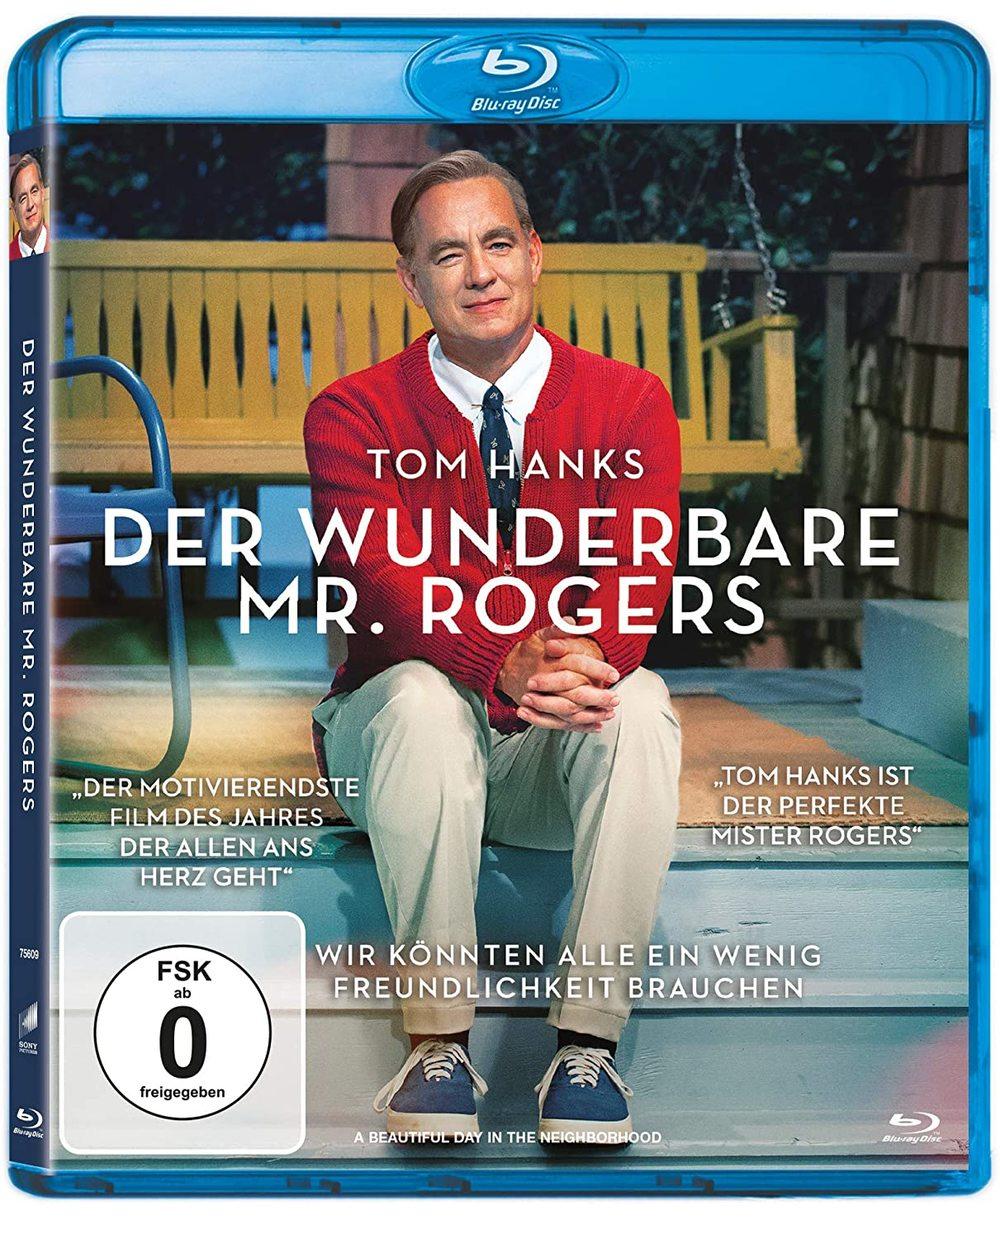 """"""" Der wunderbare Mr. Rogers"""": Wir verlosen den neuen Tom Hanks-Film auf BD"""